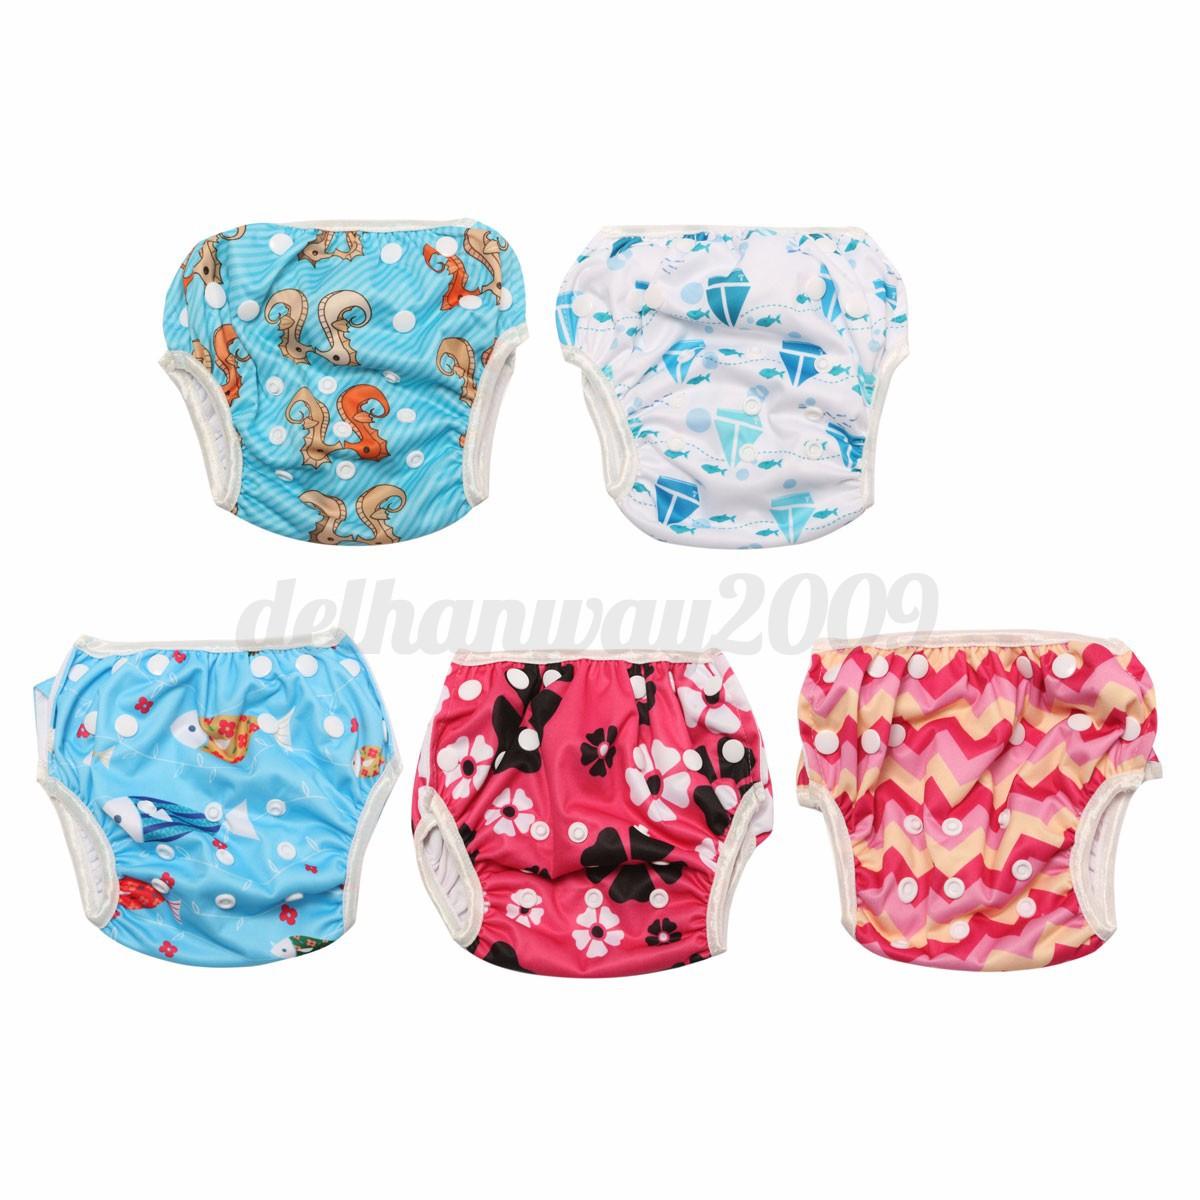 B b piscine langes couche culotte housse couches r utilisables pour nouveau n enfant ebay - Couche bebe pour piscine pampers ...